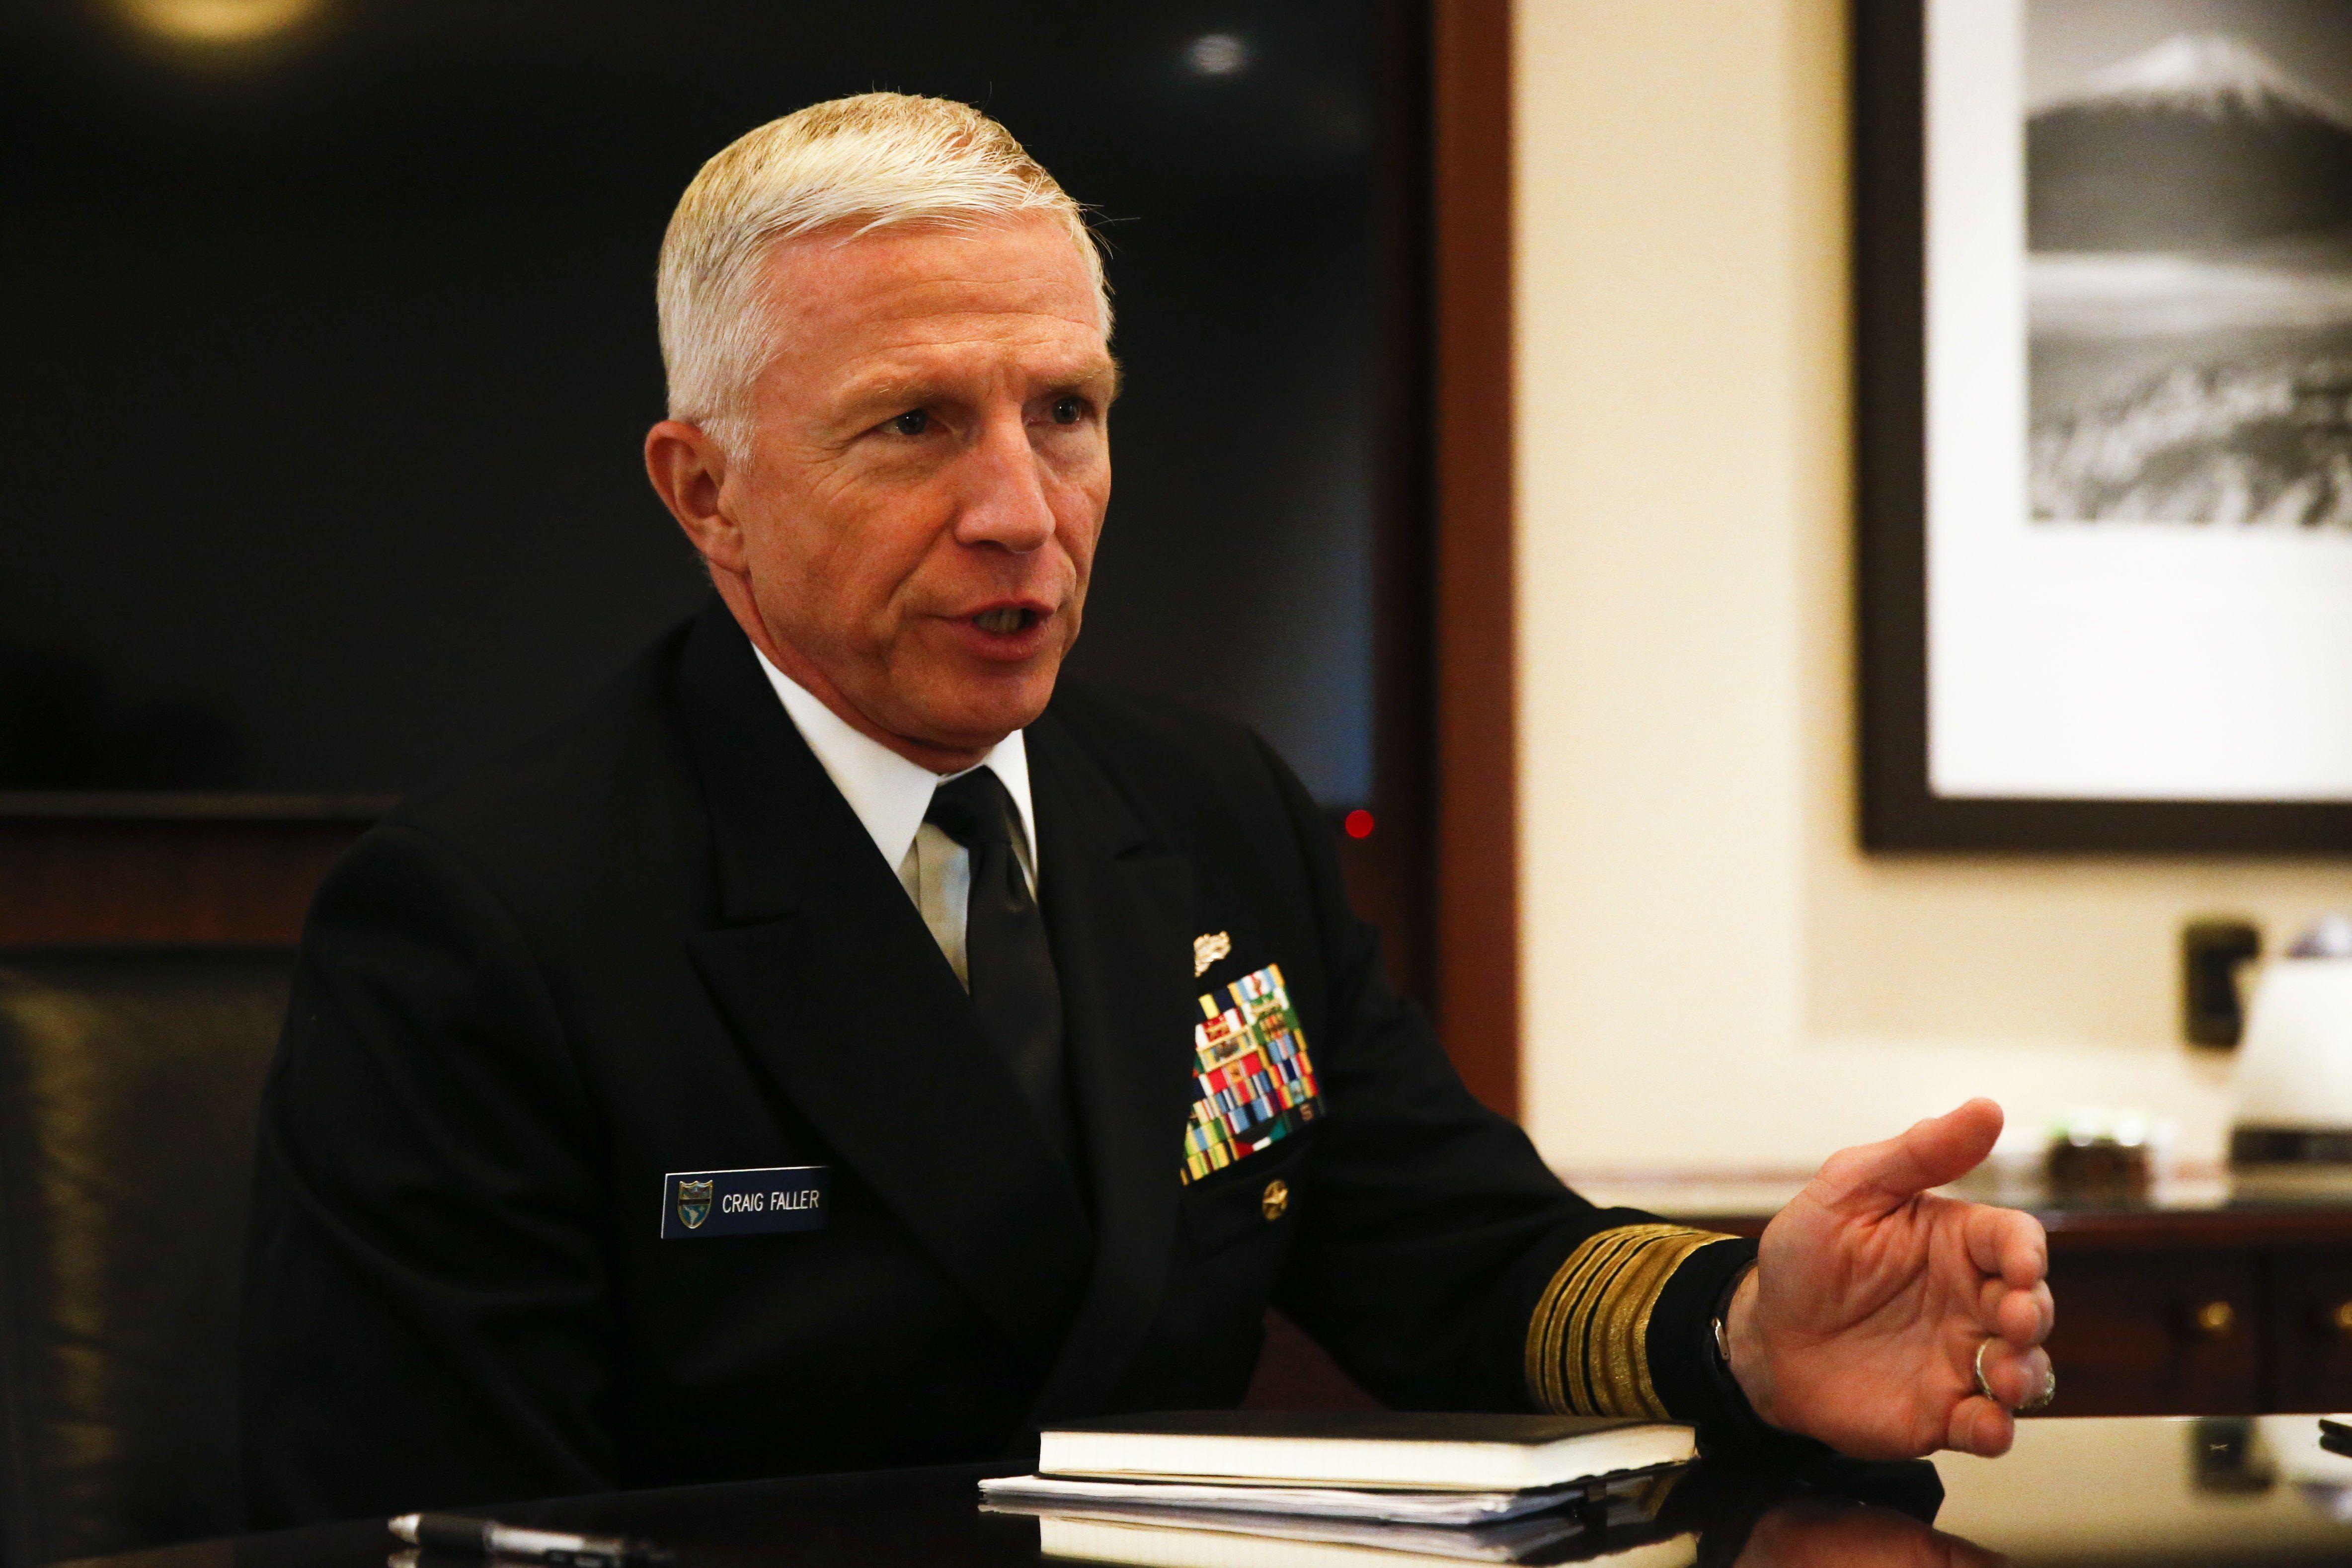 Fotografía de archivo del almirante Craig Faller, comandante del Mando Sur de las Fuerzas Armadas (SouthCom). EFE/Alberto Peña/Archivo